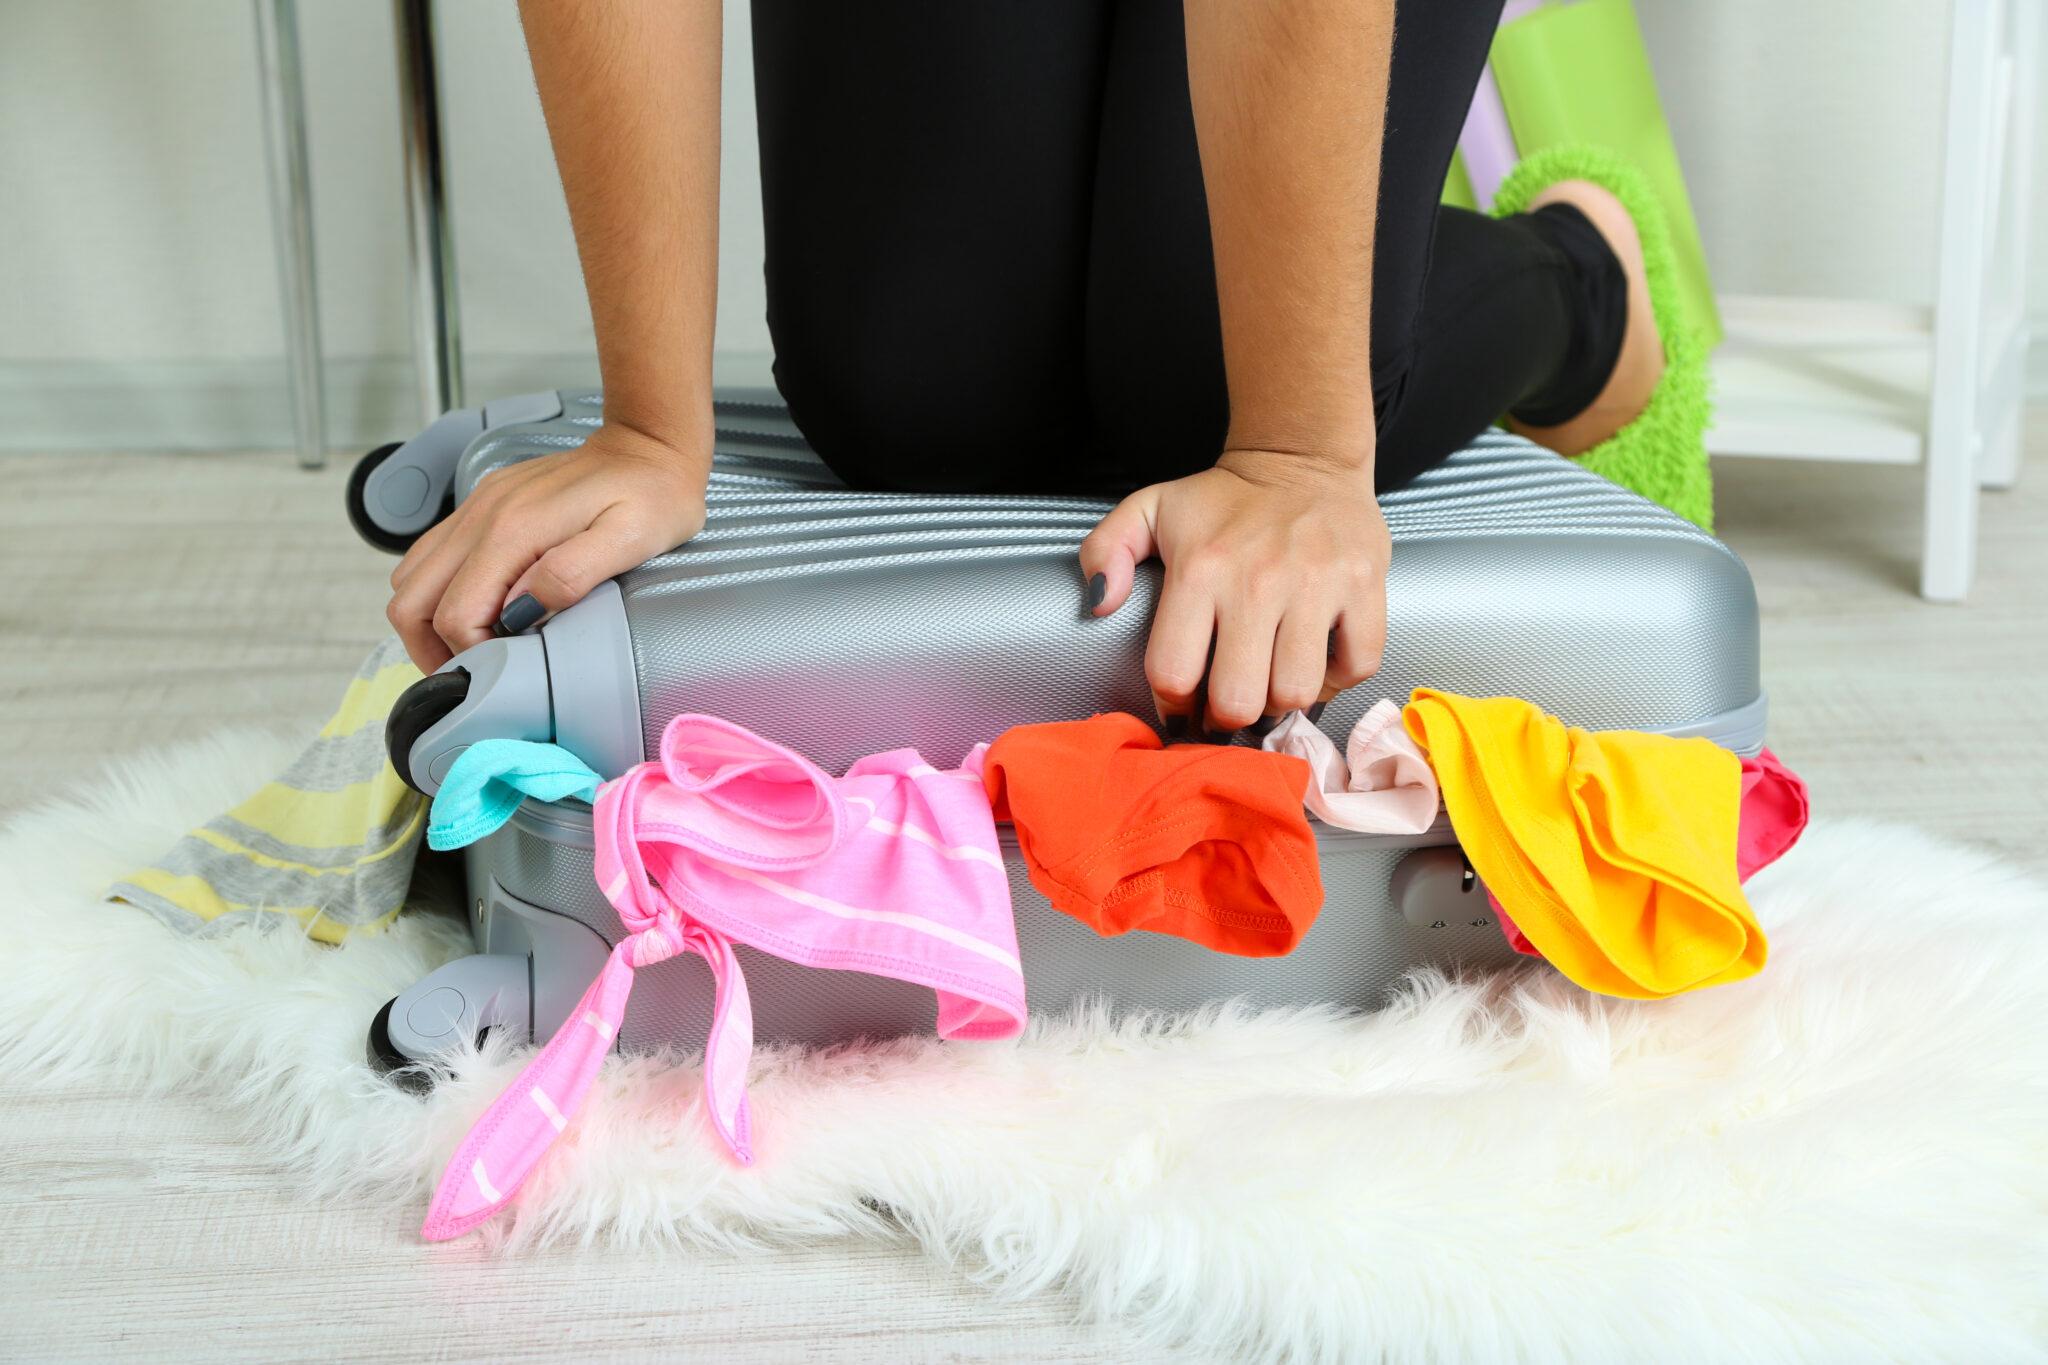 Entscheidungsfreude? Fehlanzeige! Tasche packen ist schwierig